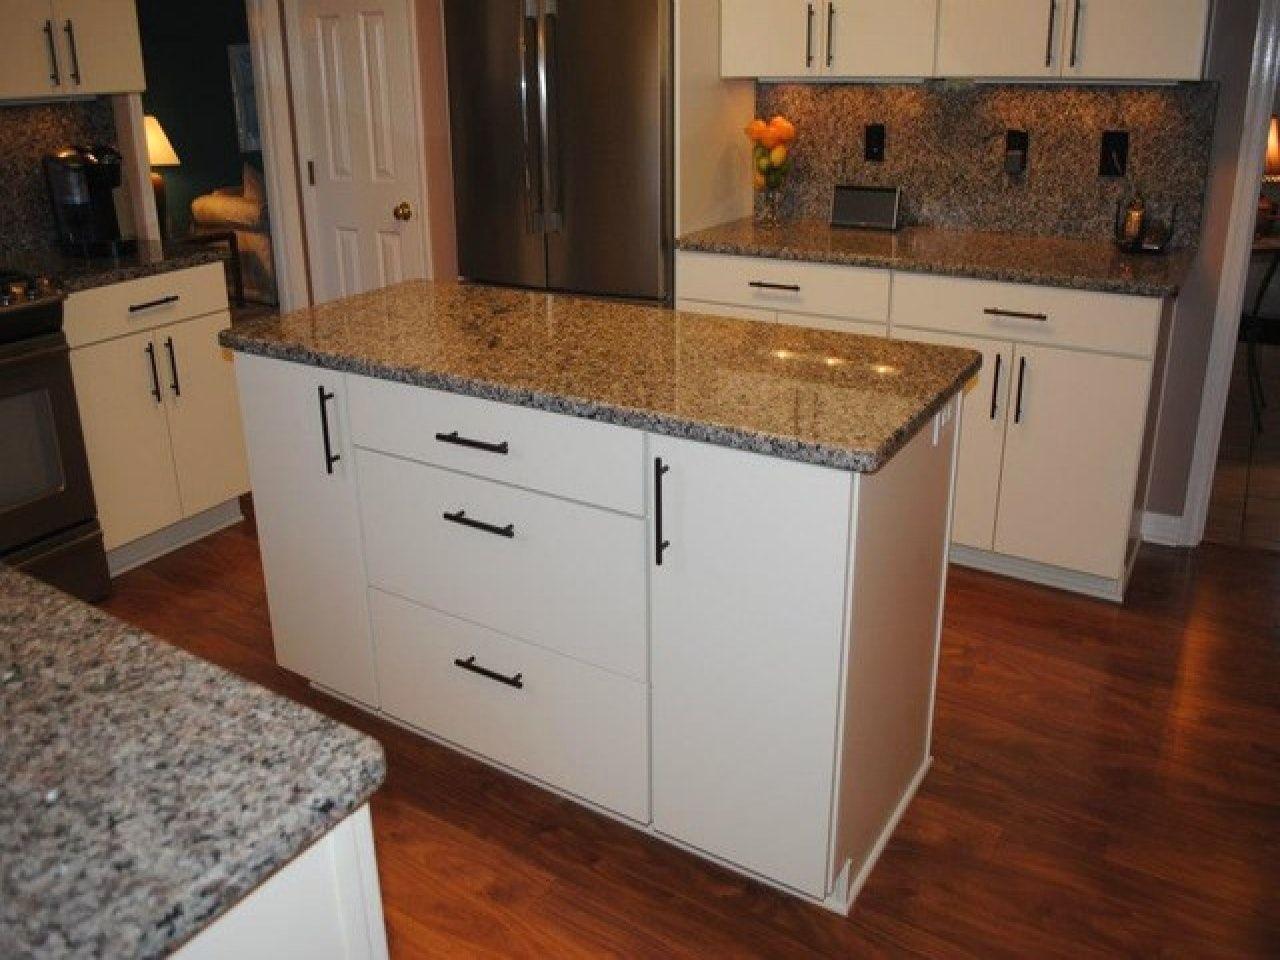 Einfaches hausdesign hd anhänger zieht cabinet hardware  ein beliebtes metall für haus